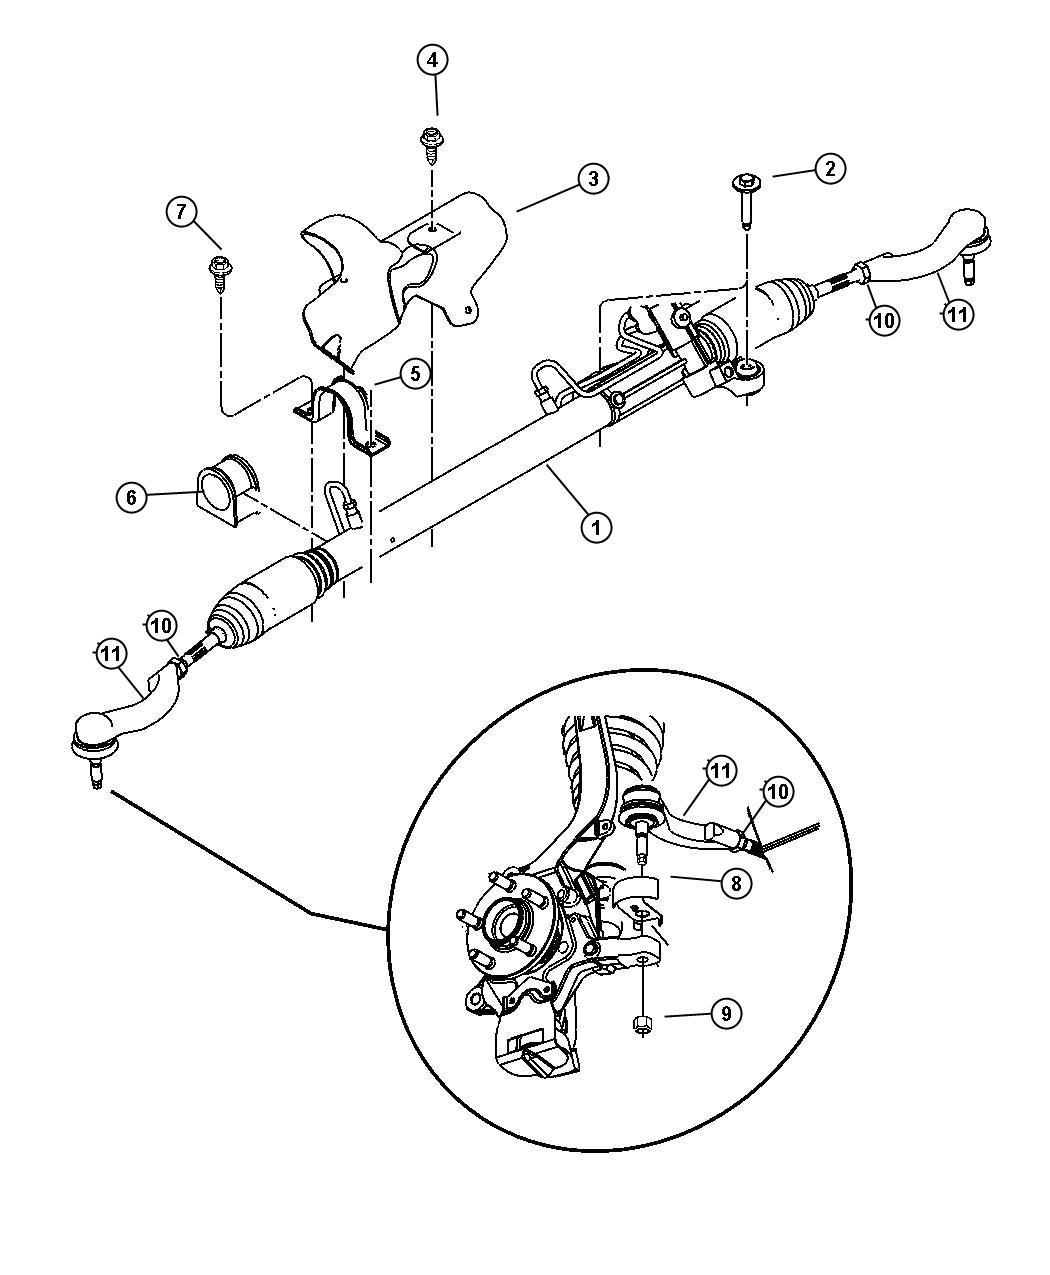 Chrysler Sebring Gear Power Steering Steering